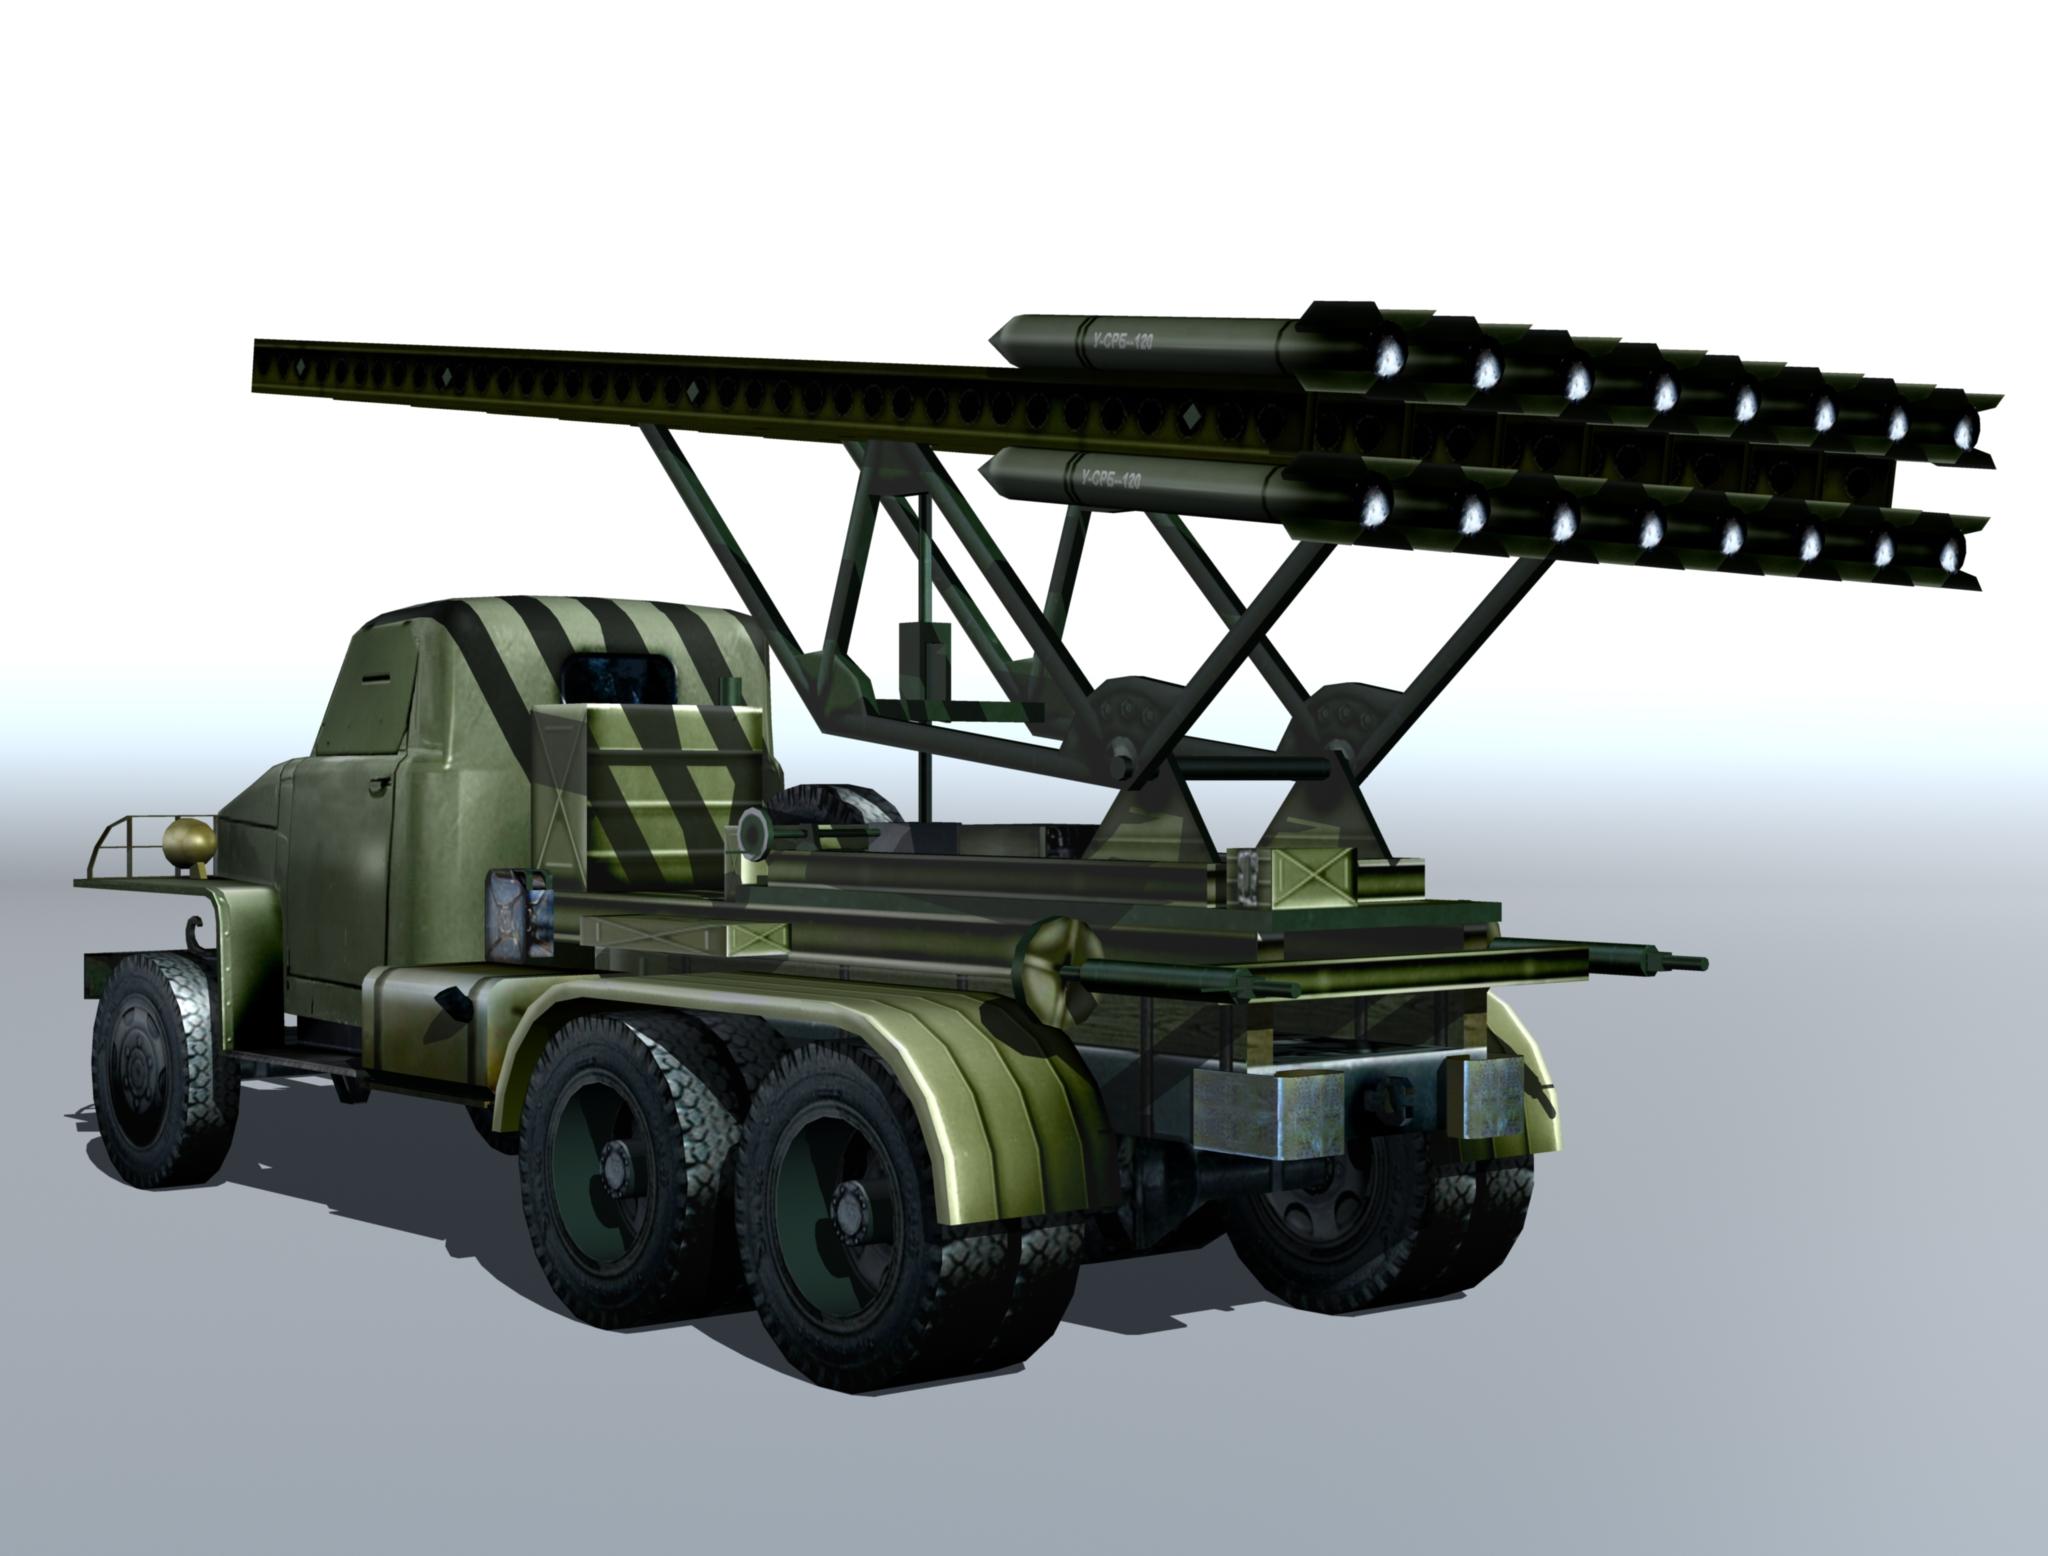 bm-13 – installation rocket artillery 'katusha'. 3d model 3ds max fbx obj 213996